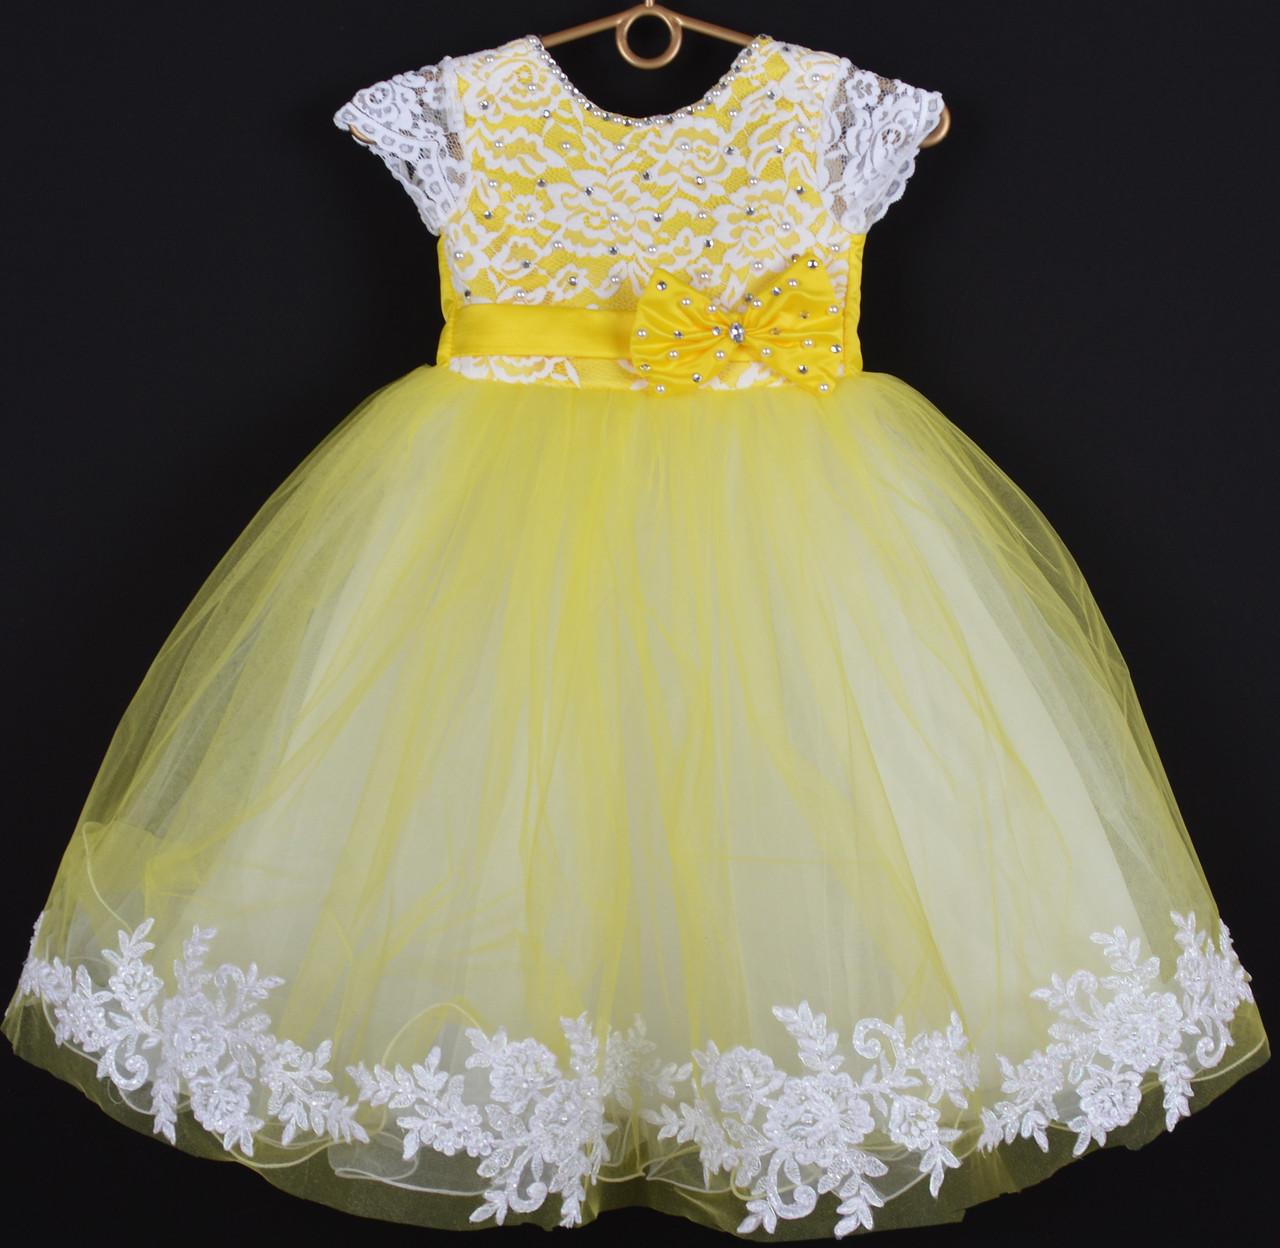 """Платье нарядное детское """"Исабель"""" с аппликацией 4-6 лет. Желтое. Оптом и в розницу"""